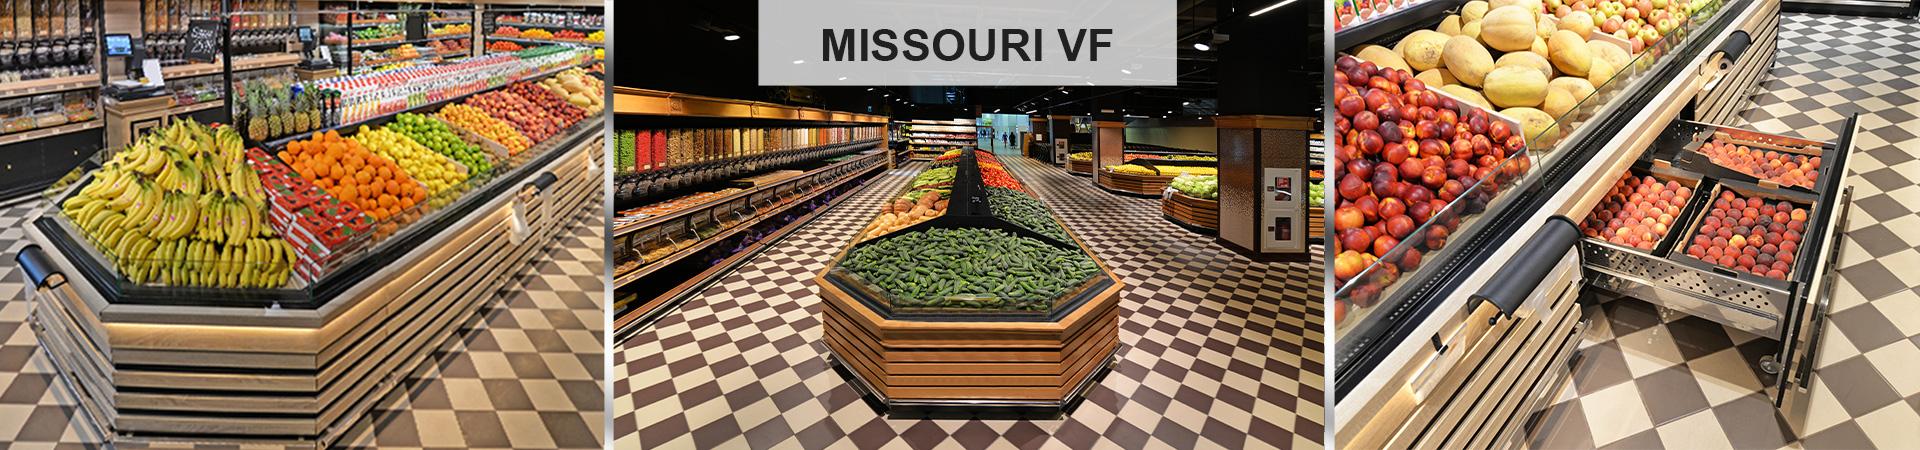 Специализированные витрины для продажи овощей и фруктов Missouri VF